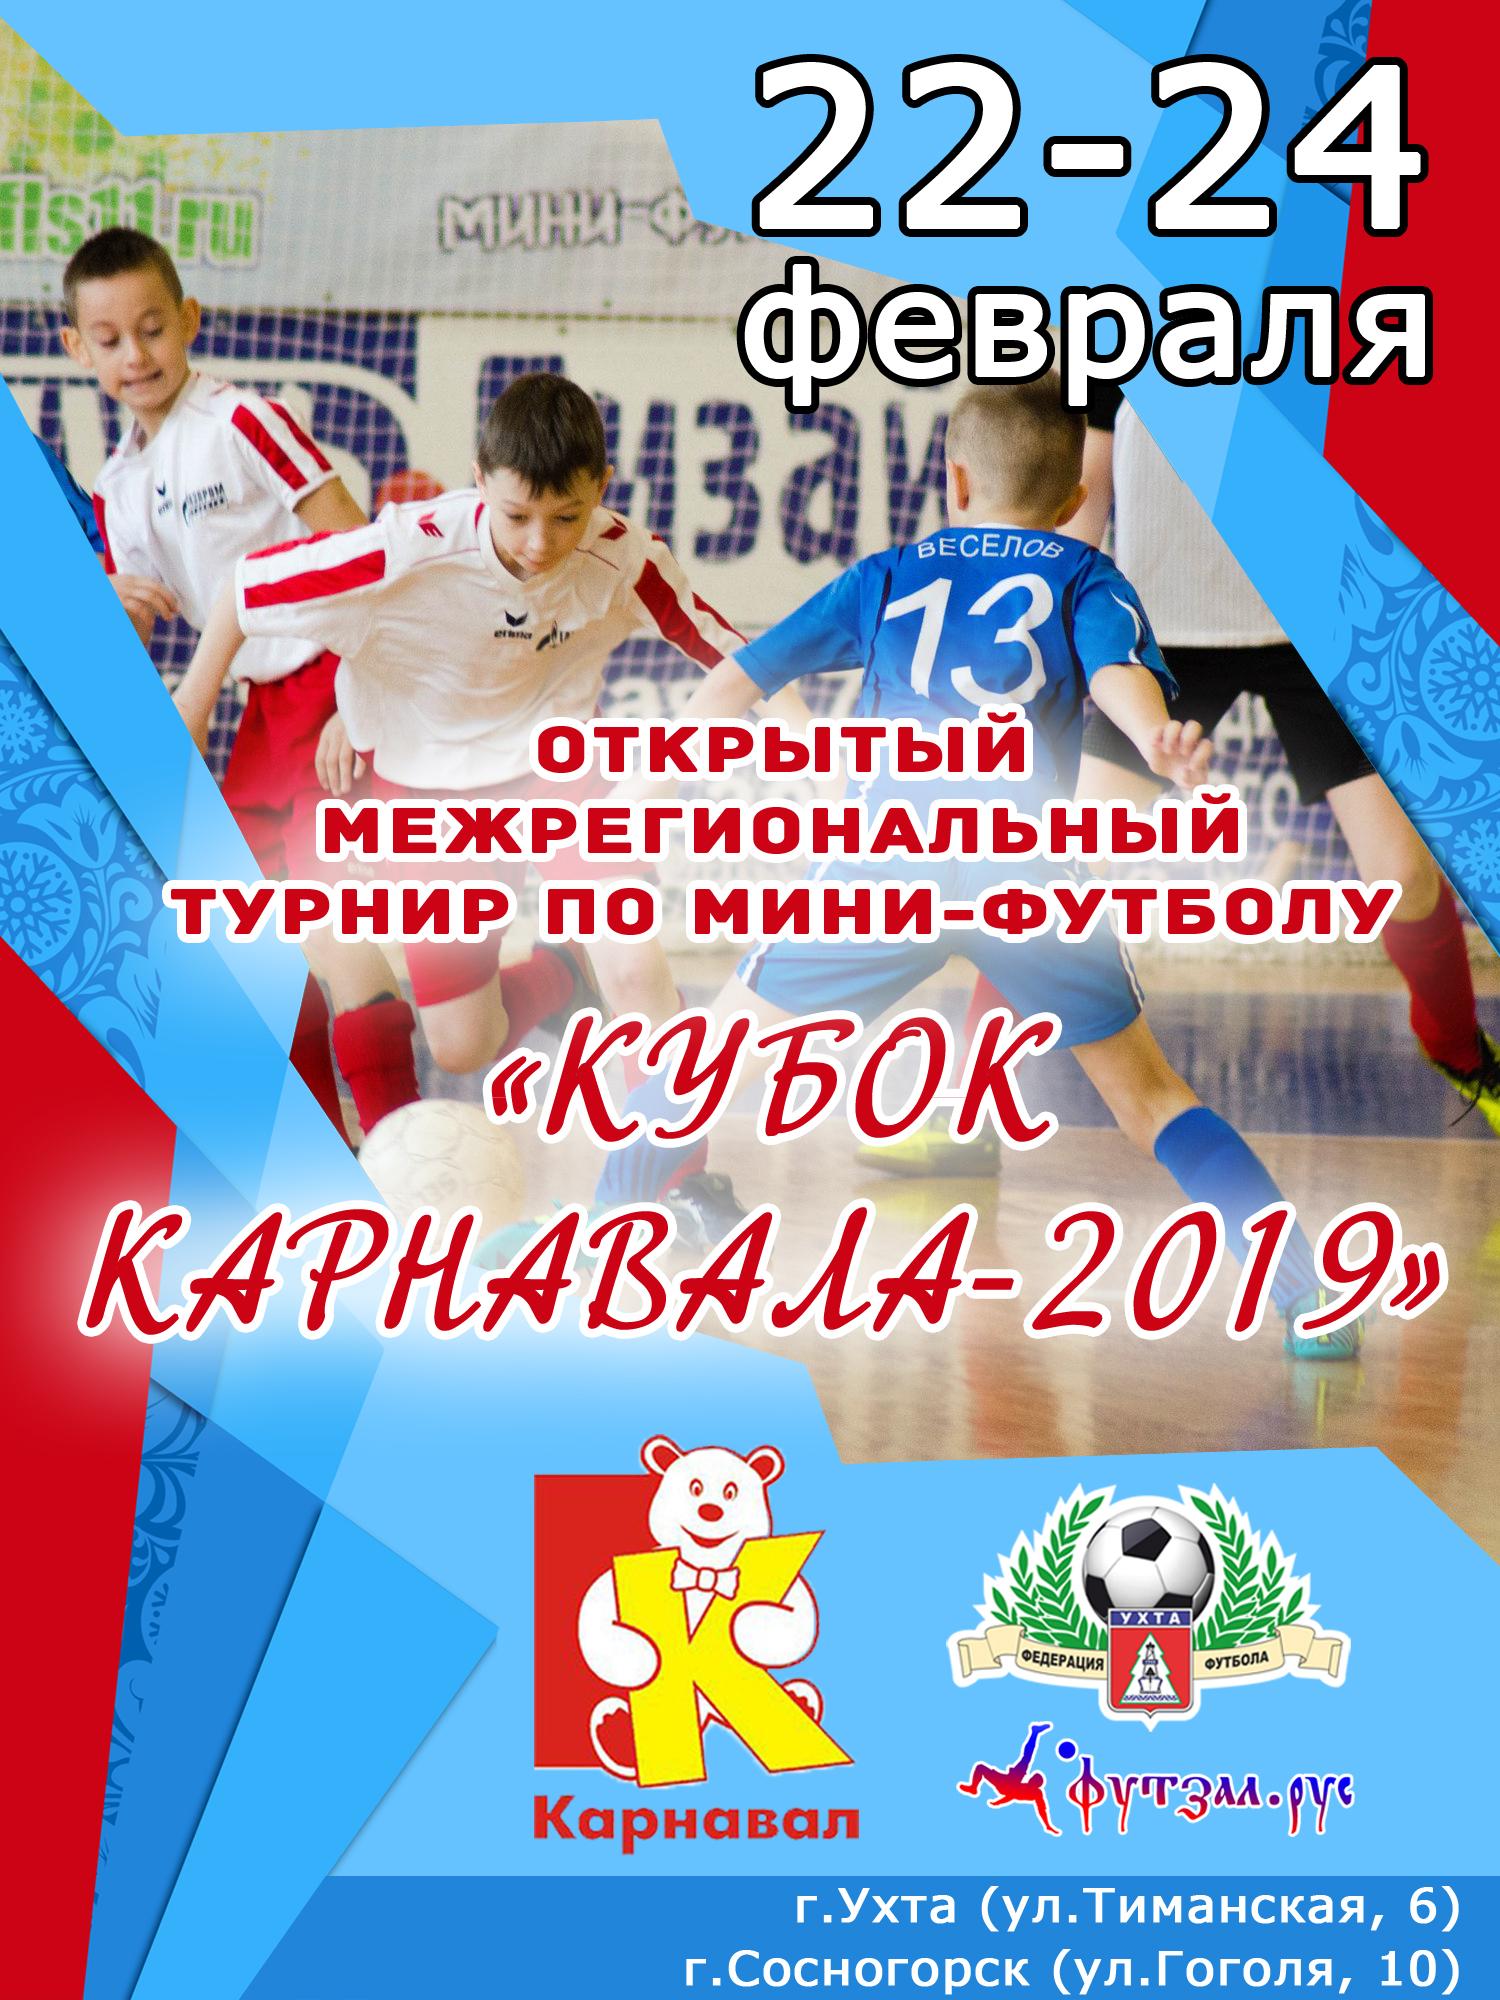 Кубок Карнавала 2019